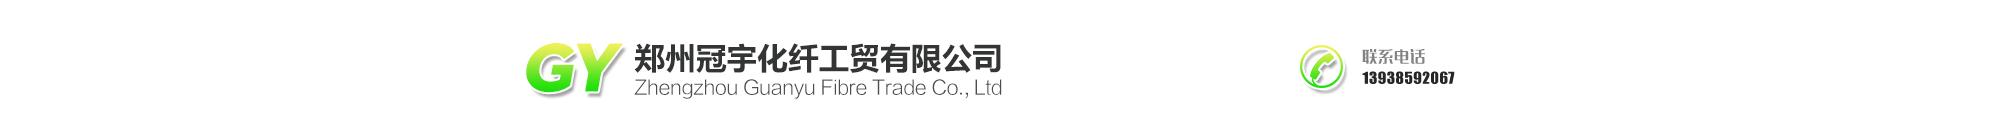 郑州冠宇化纤工贸有限公司